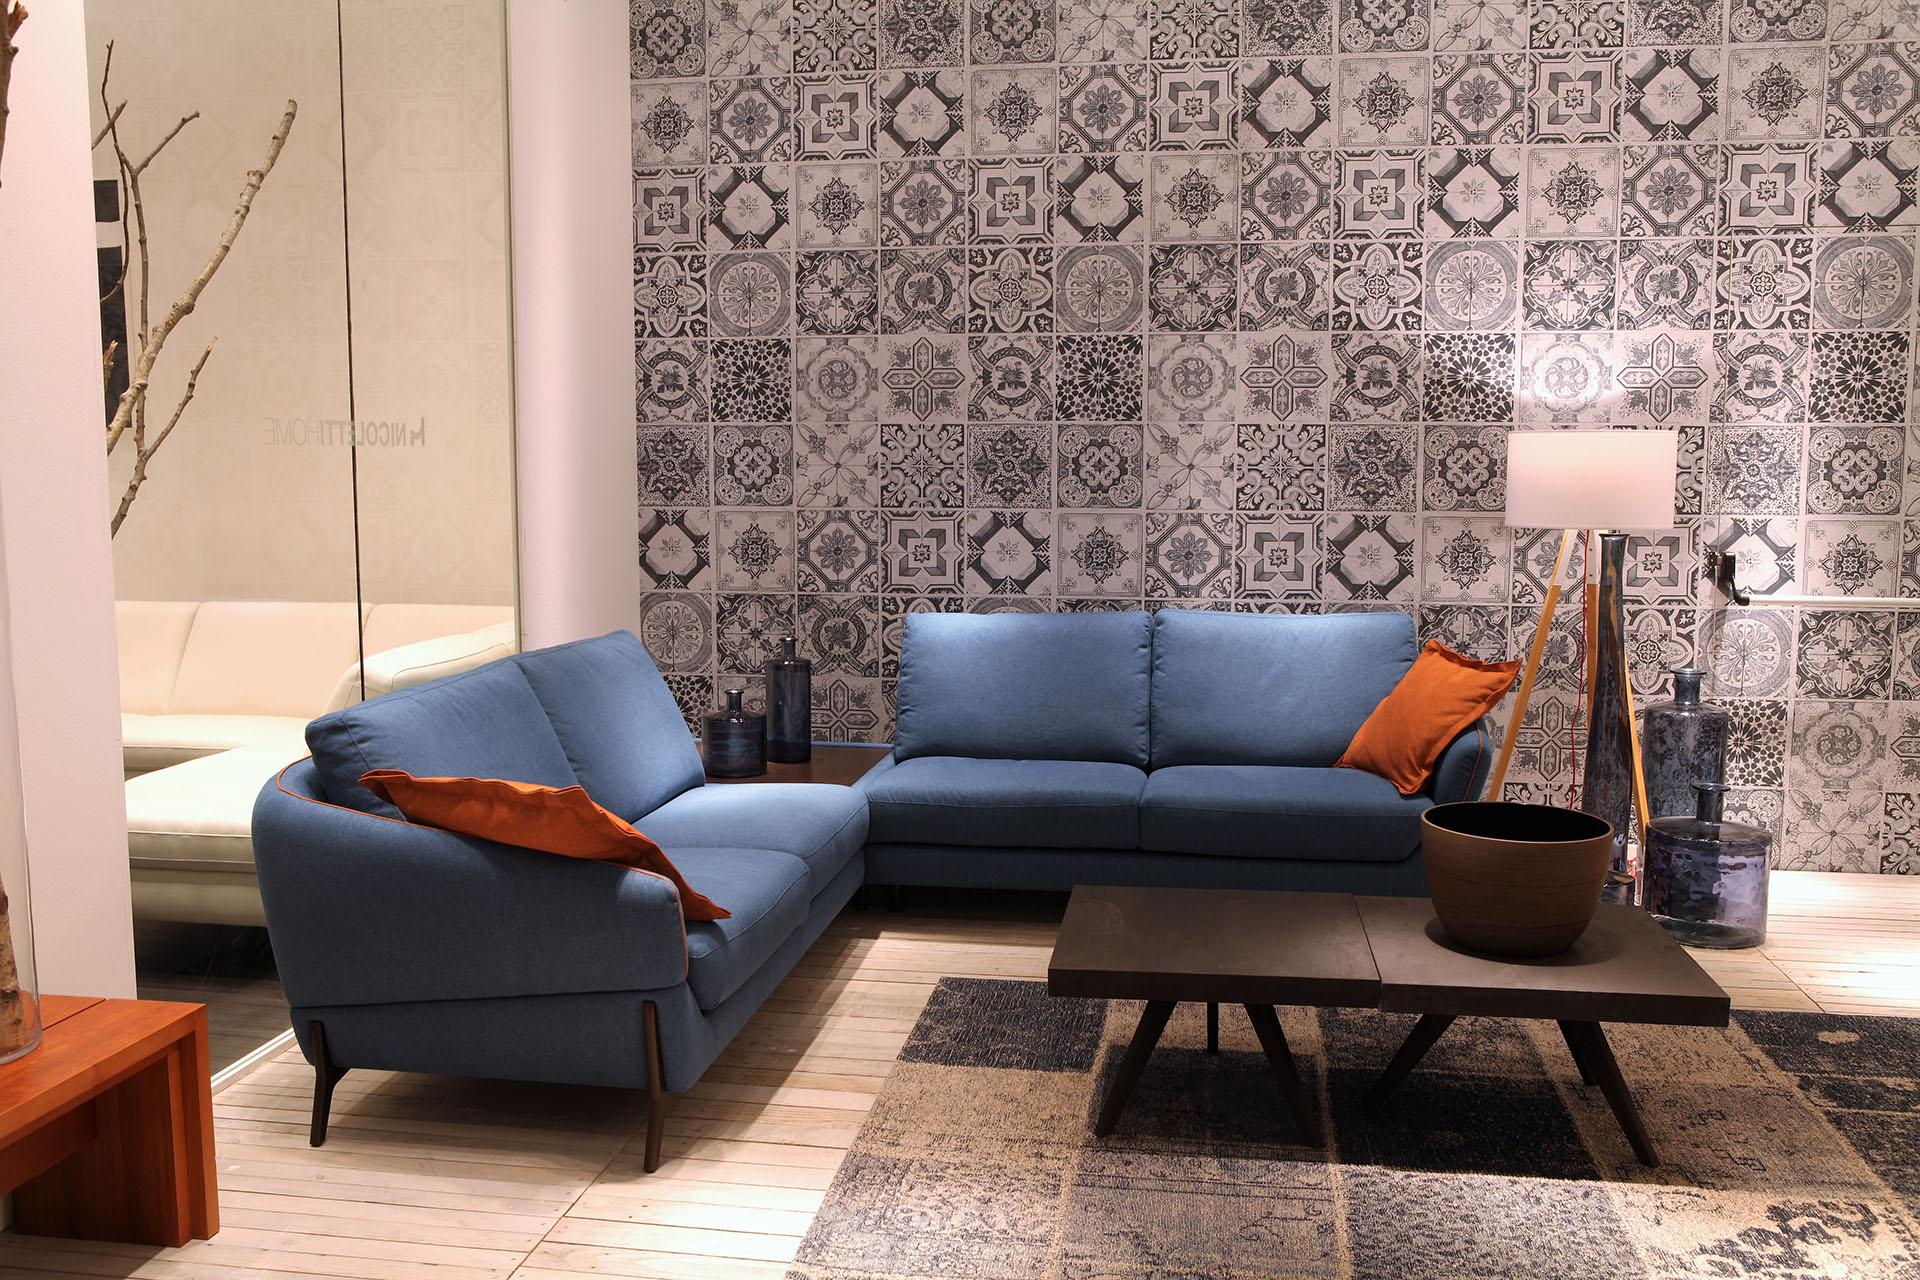 Nicoletti divano celine ad arredamenti for Nicoletti arredamenti